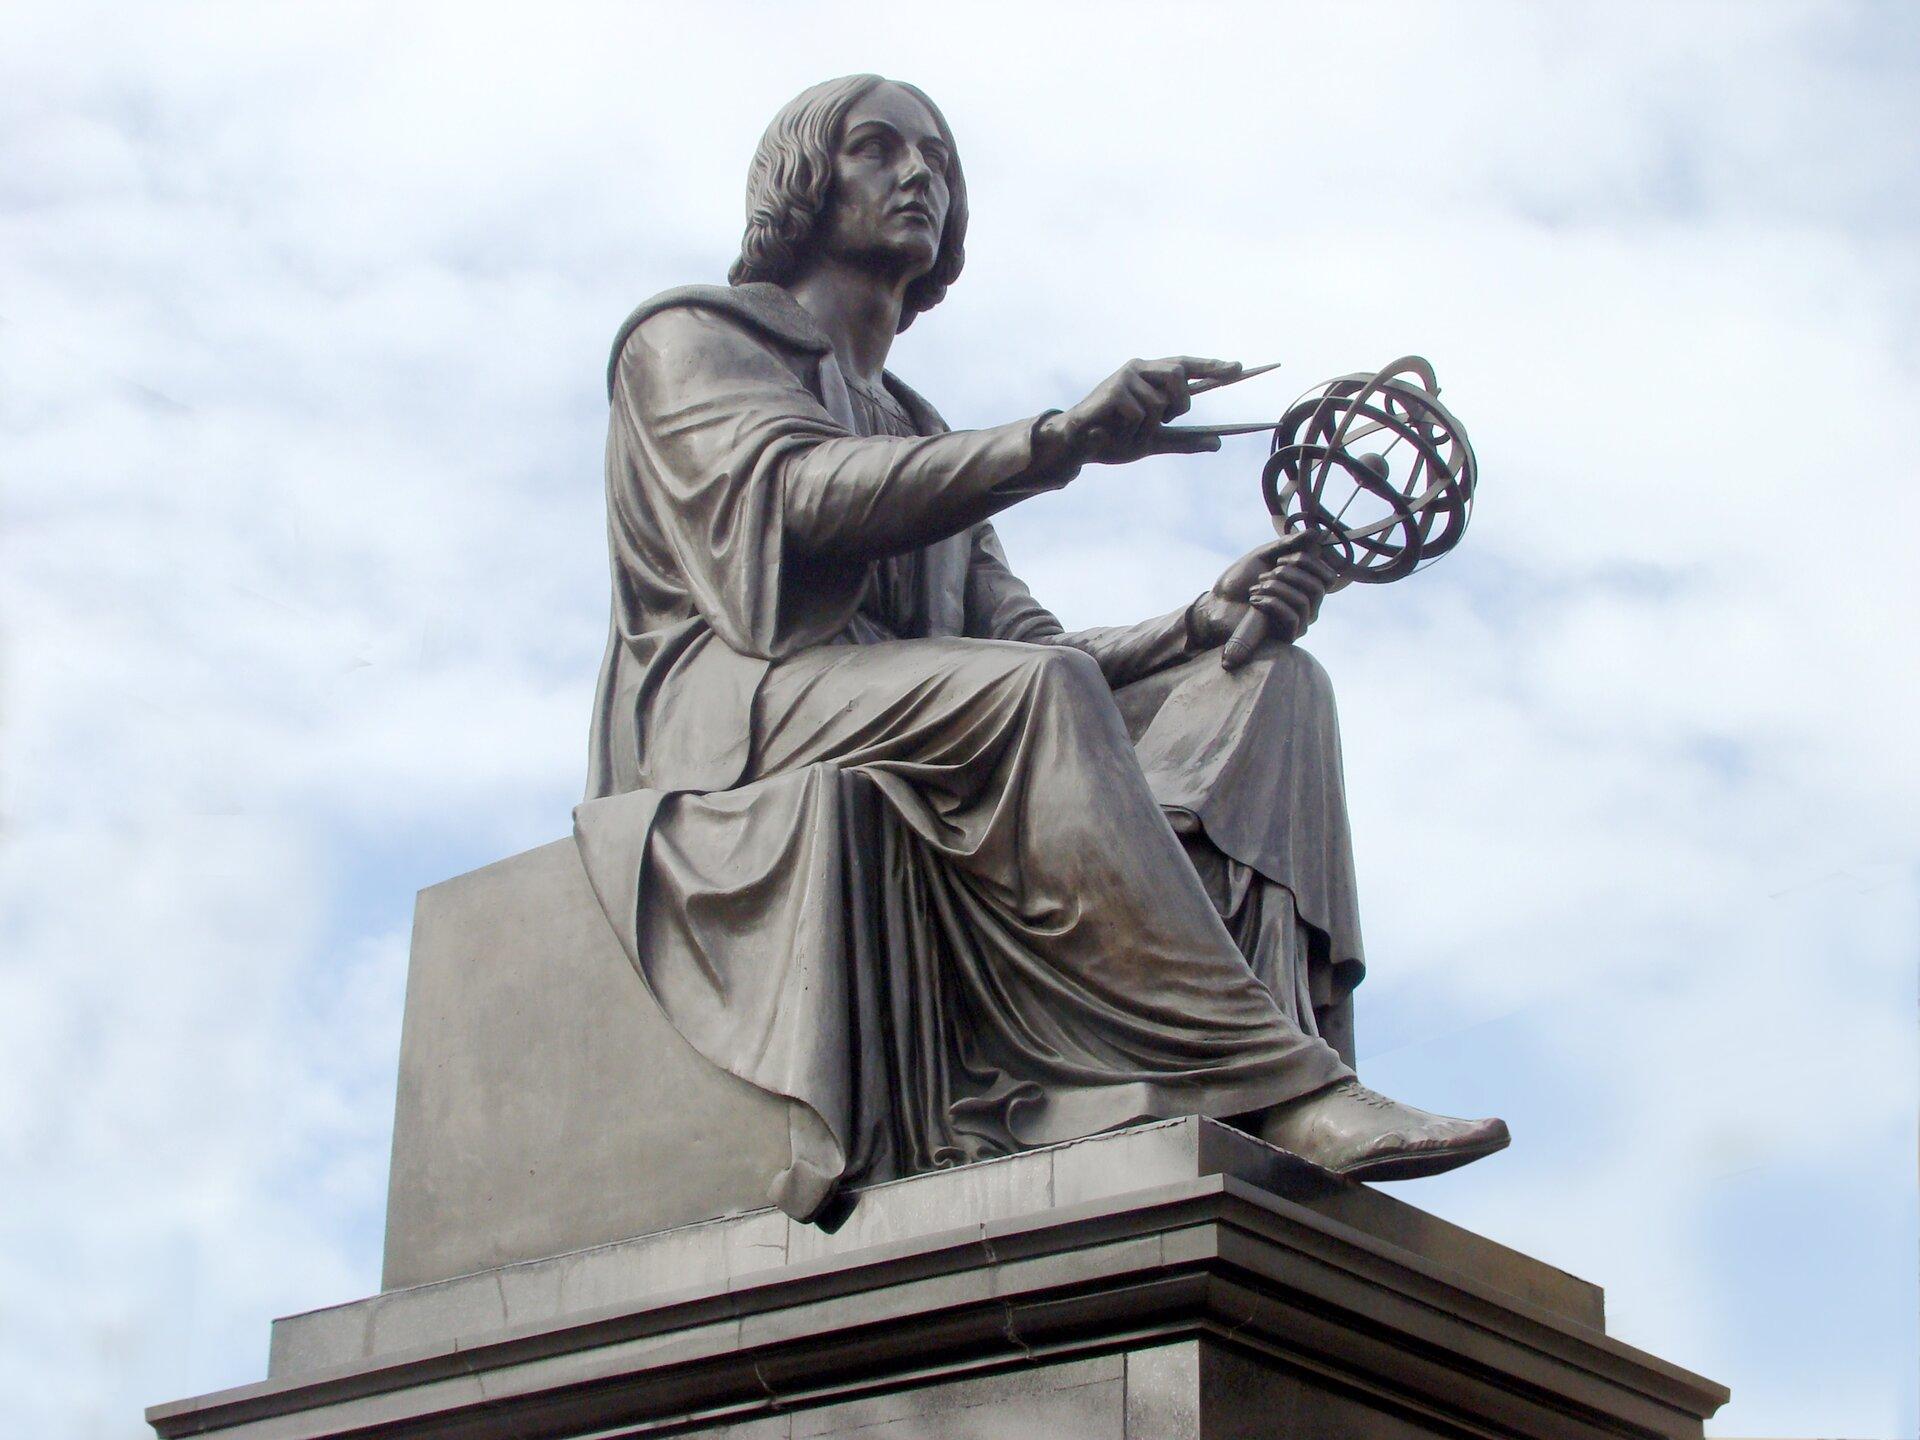 """Pomnik Kopernika wWarszawie W1822 odsłonięto pomnik Kopernika odlany wg projektu znanego duńskiego rzeźbiarza Thorvaldsena. Ufundowany został przez Stanisława Staszica, aodsłonięty przez innego wielkiego działacza oświeceniowego, J.U. Niemcewicza. Wczasie II wojny światowej polski napis na cokole """"Mikołajowi Kopernikowi rodacy"""" Niemcy zastąpili napisem """"Dem Grossen Deutschen Astronomen"""" (Wielkiemu niemieckiemu astronomowi). Źródło: Szczebrzeszynski, Pomnik Kopernika wWarszawie, 2010, fotografia, domena publiczna."""